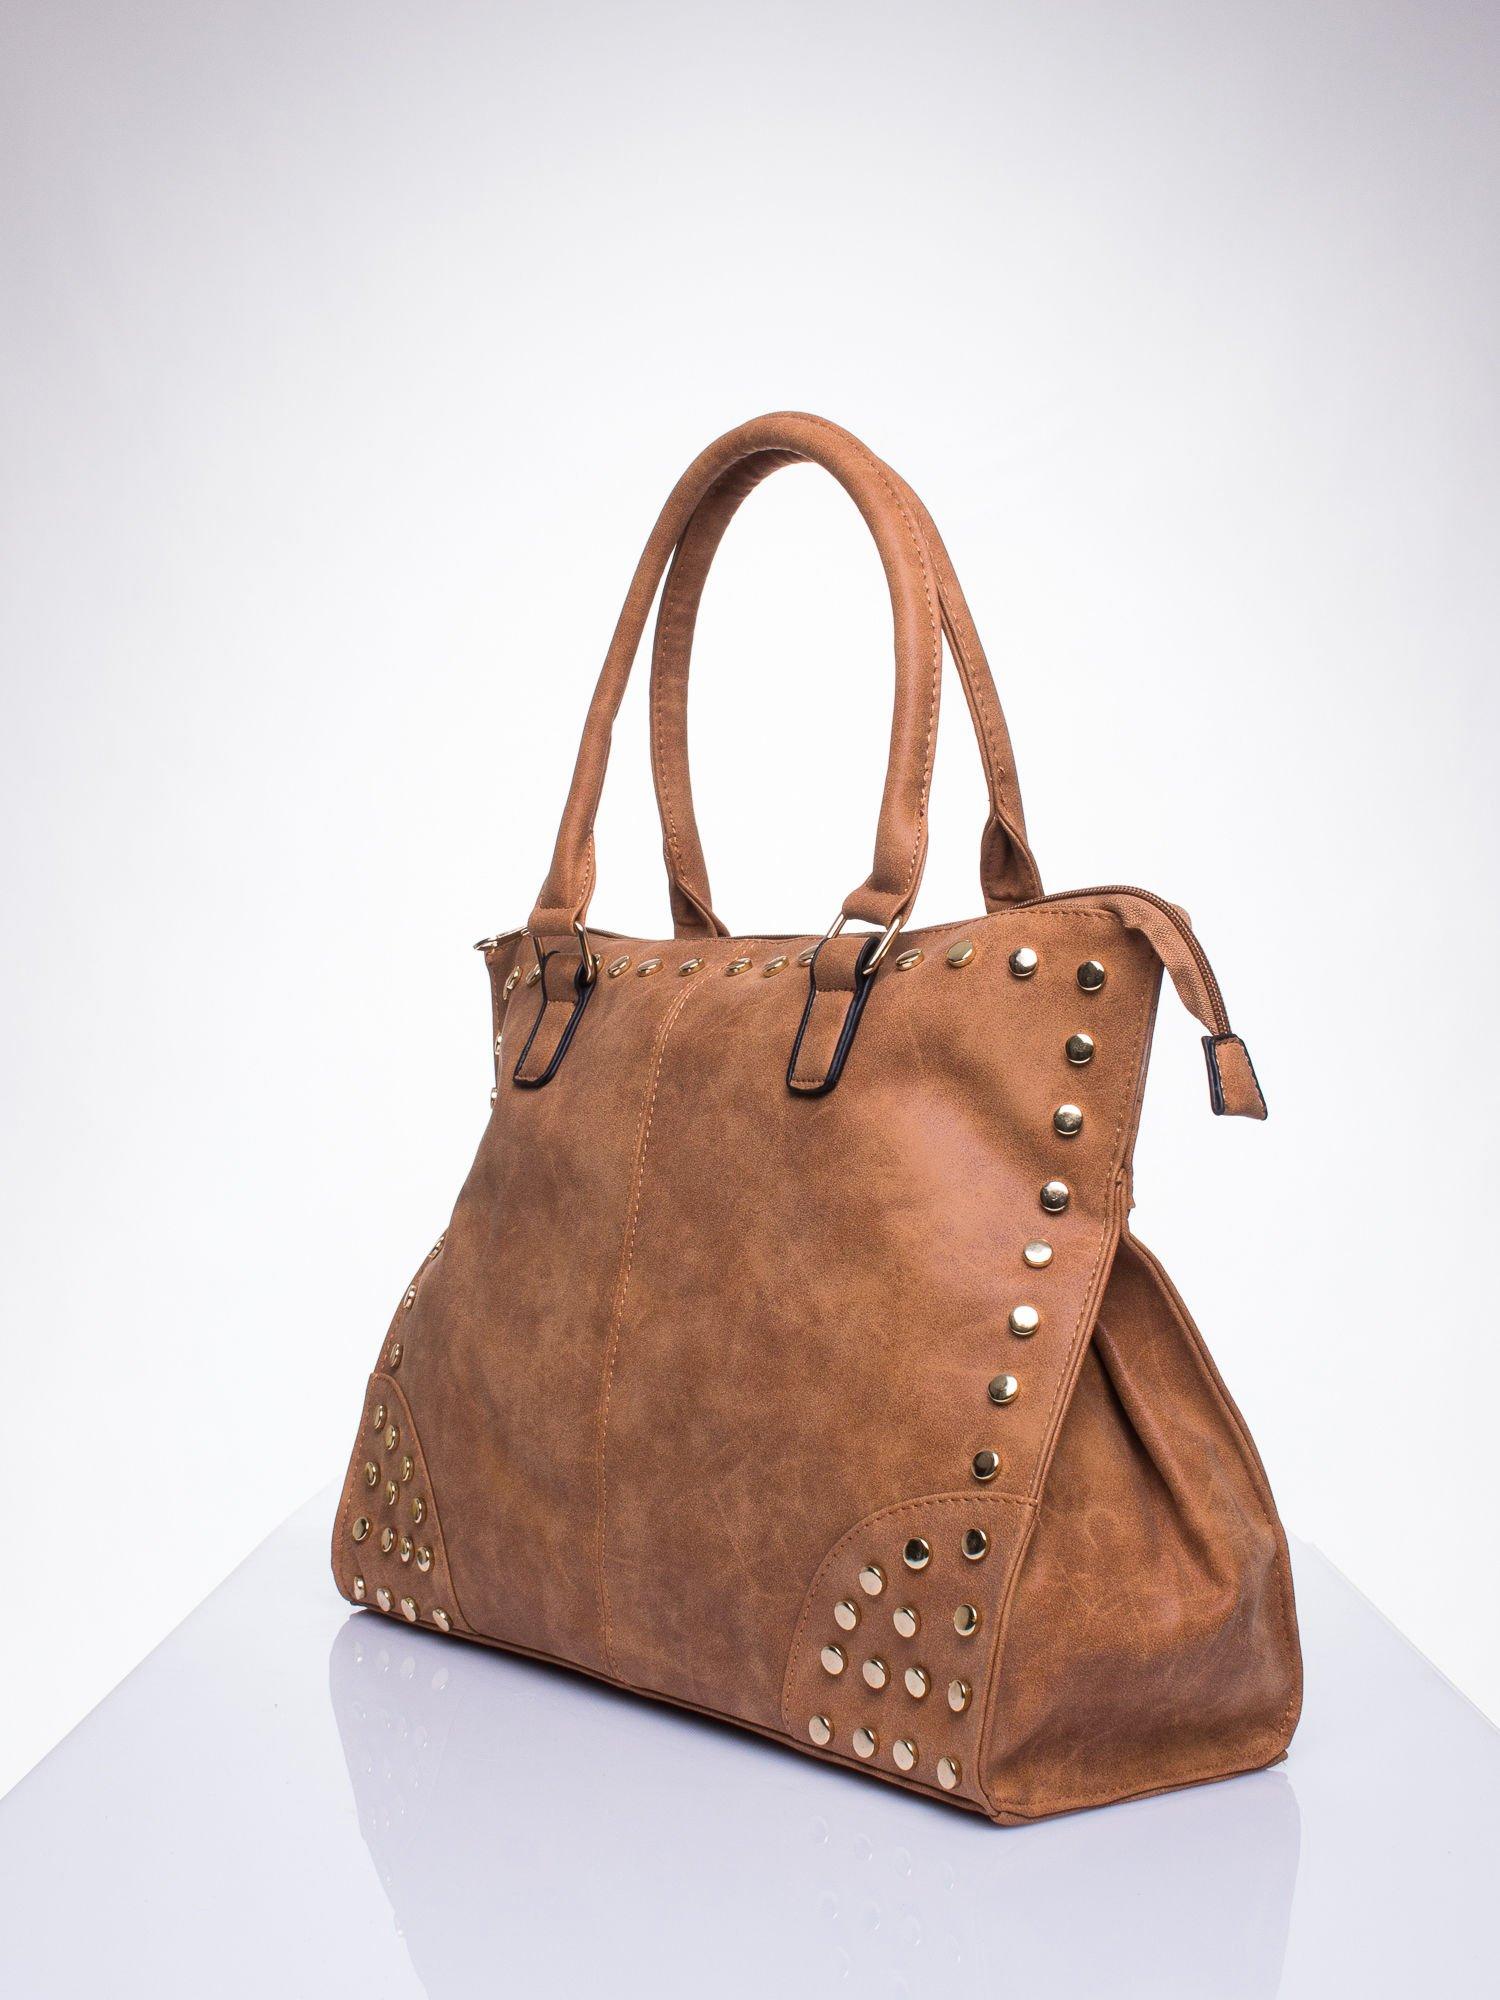 66f1477241c67 Brązowa torba shopper bag ze złotymi ćwiekami - Akcesoria torba - sklep  eButik.pl